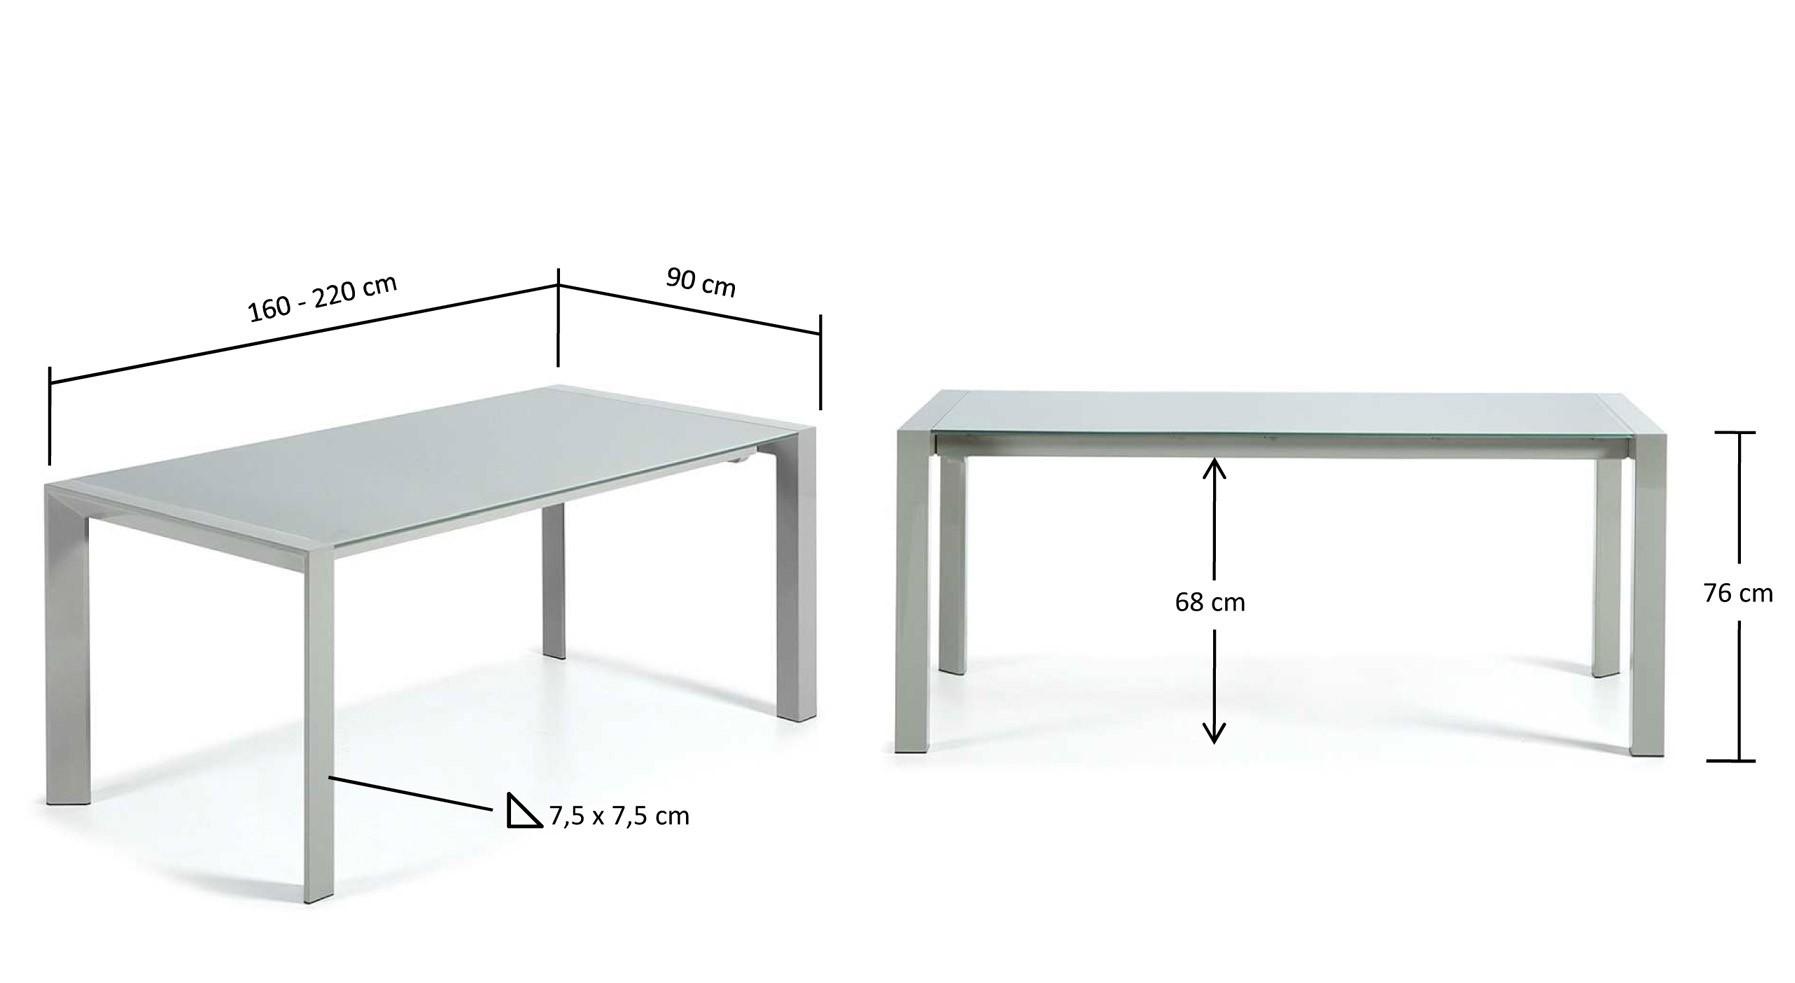 160-220 x 90 cm. y 76 cm. de altura